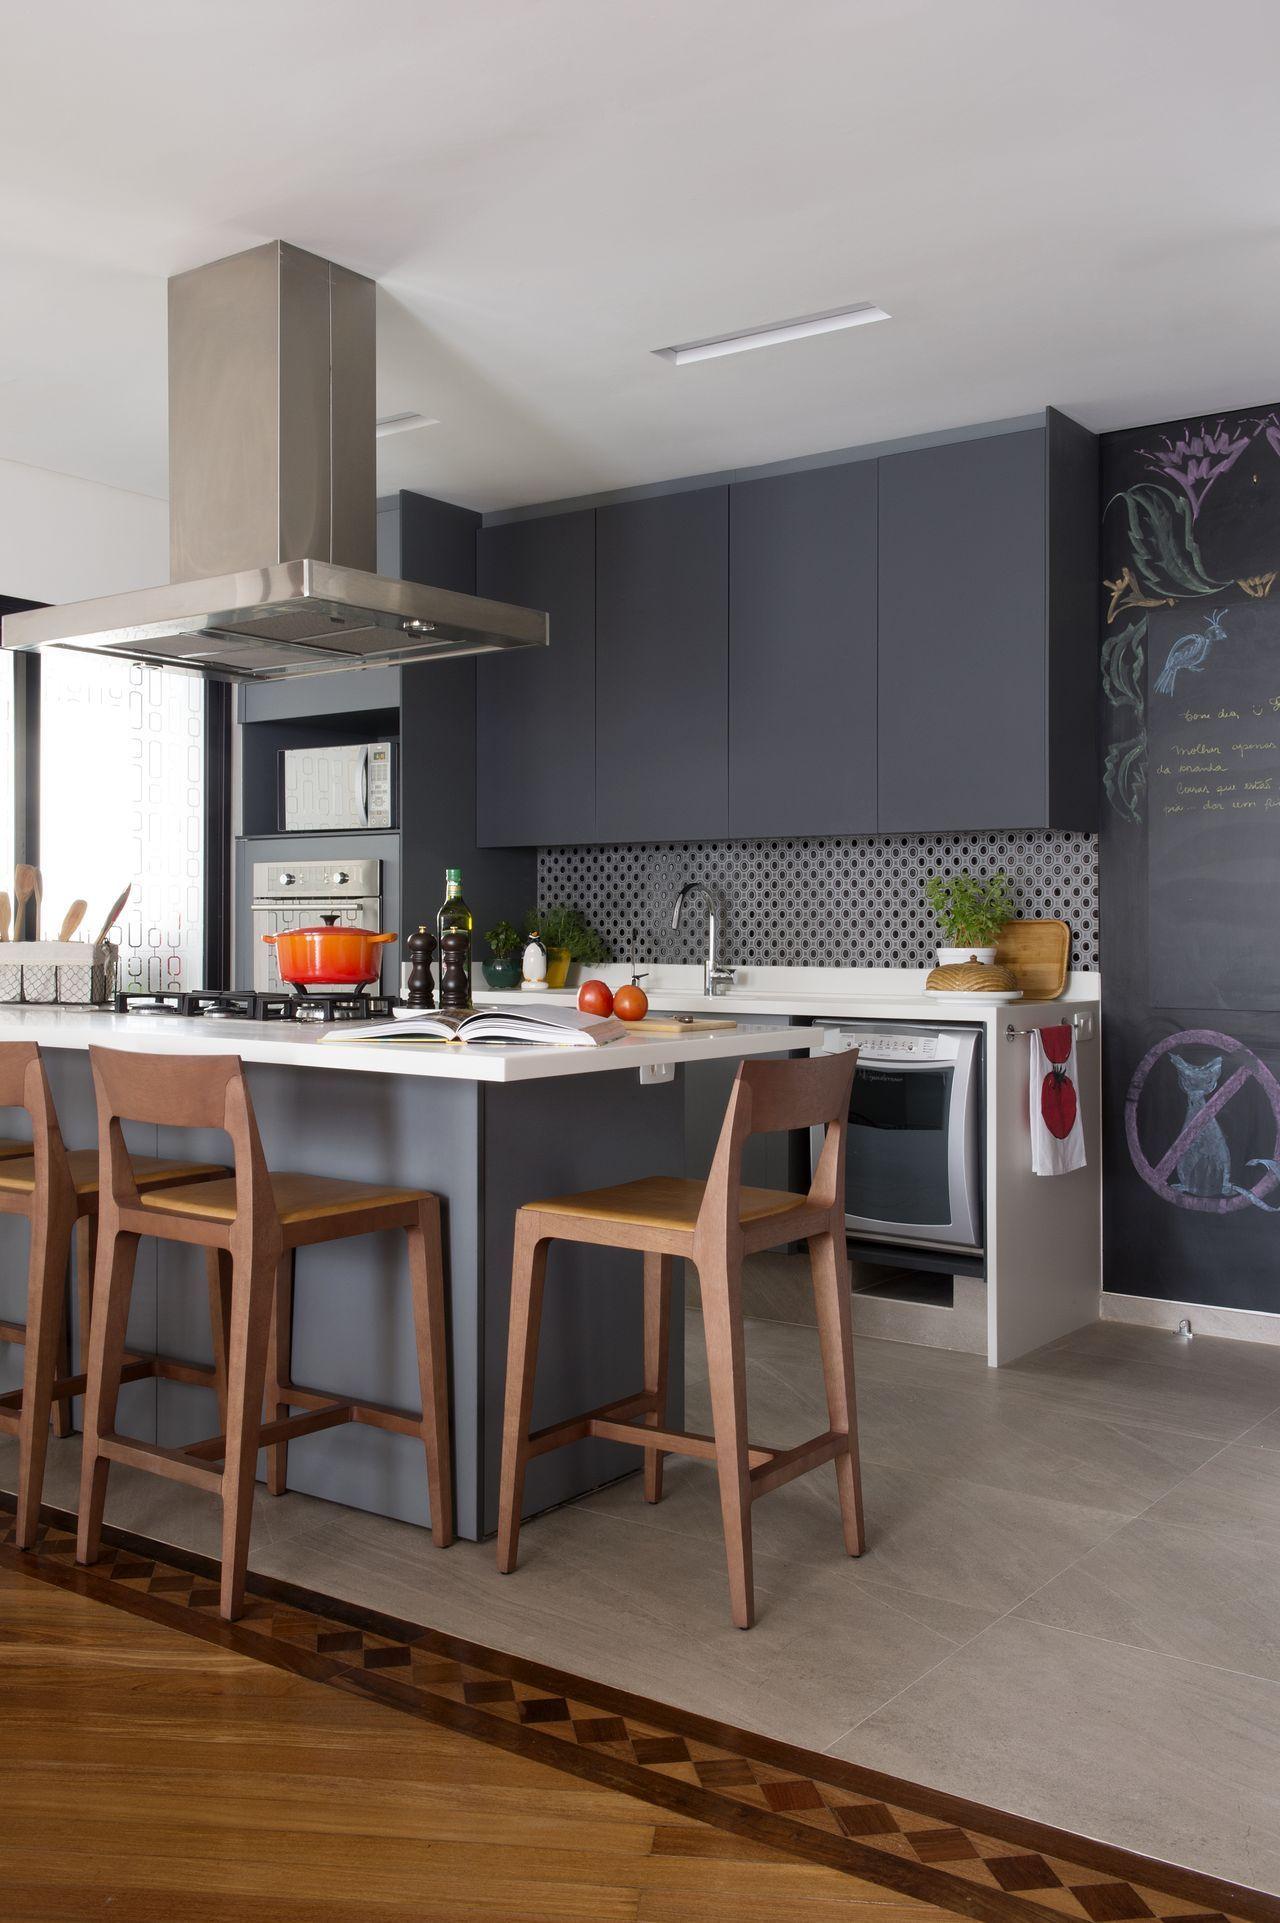 Cozinha com quadro em tinta de lousa